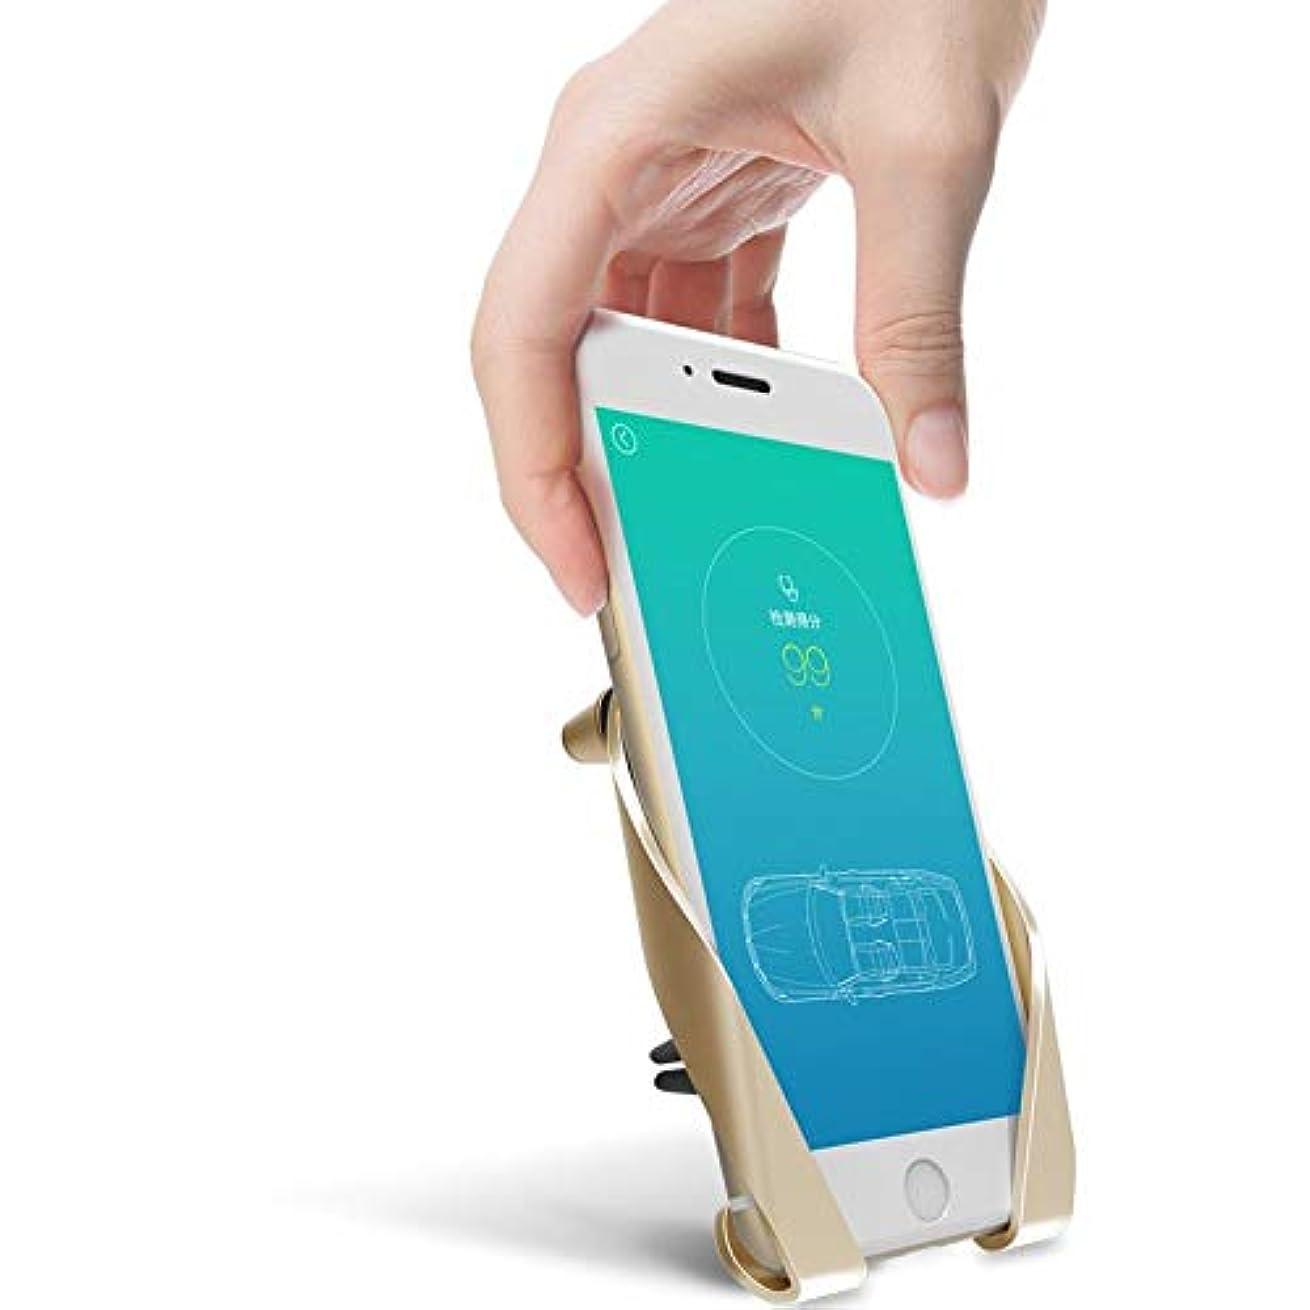 はずボール構築するJicorzo - サムスンiPhone用ユニバーサルカーベント携帯電話ホルダーカープラスチック製エアアウトレットアジャスタブル電話スタンドホルダー